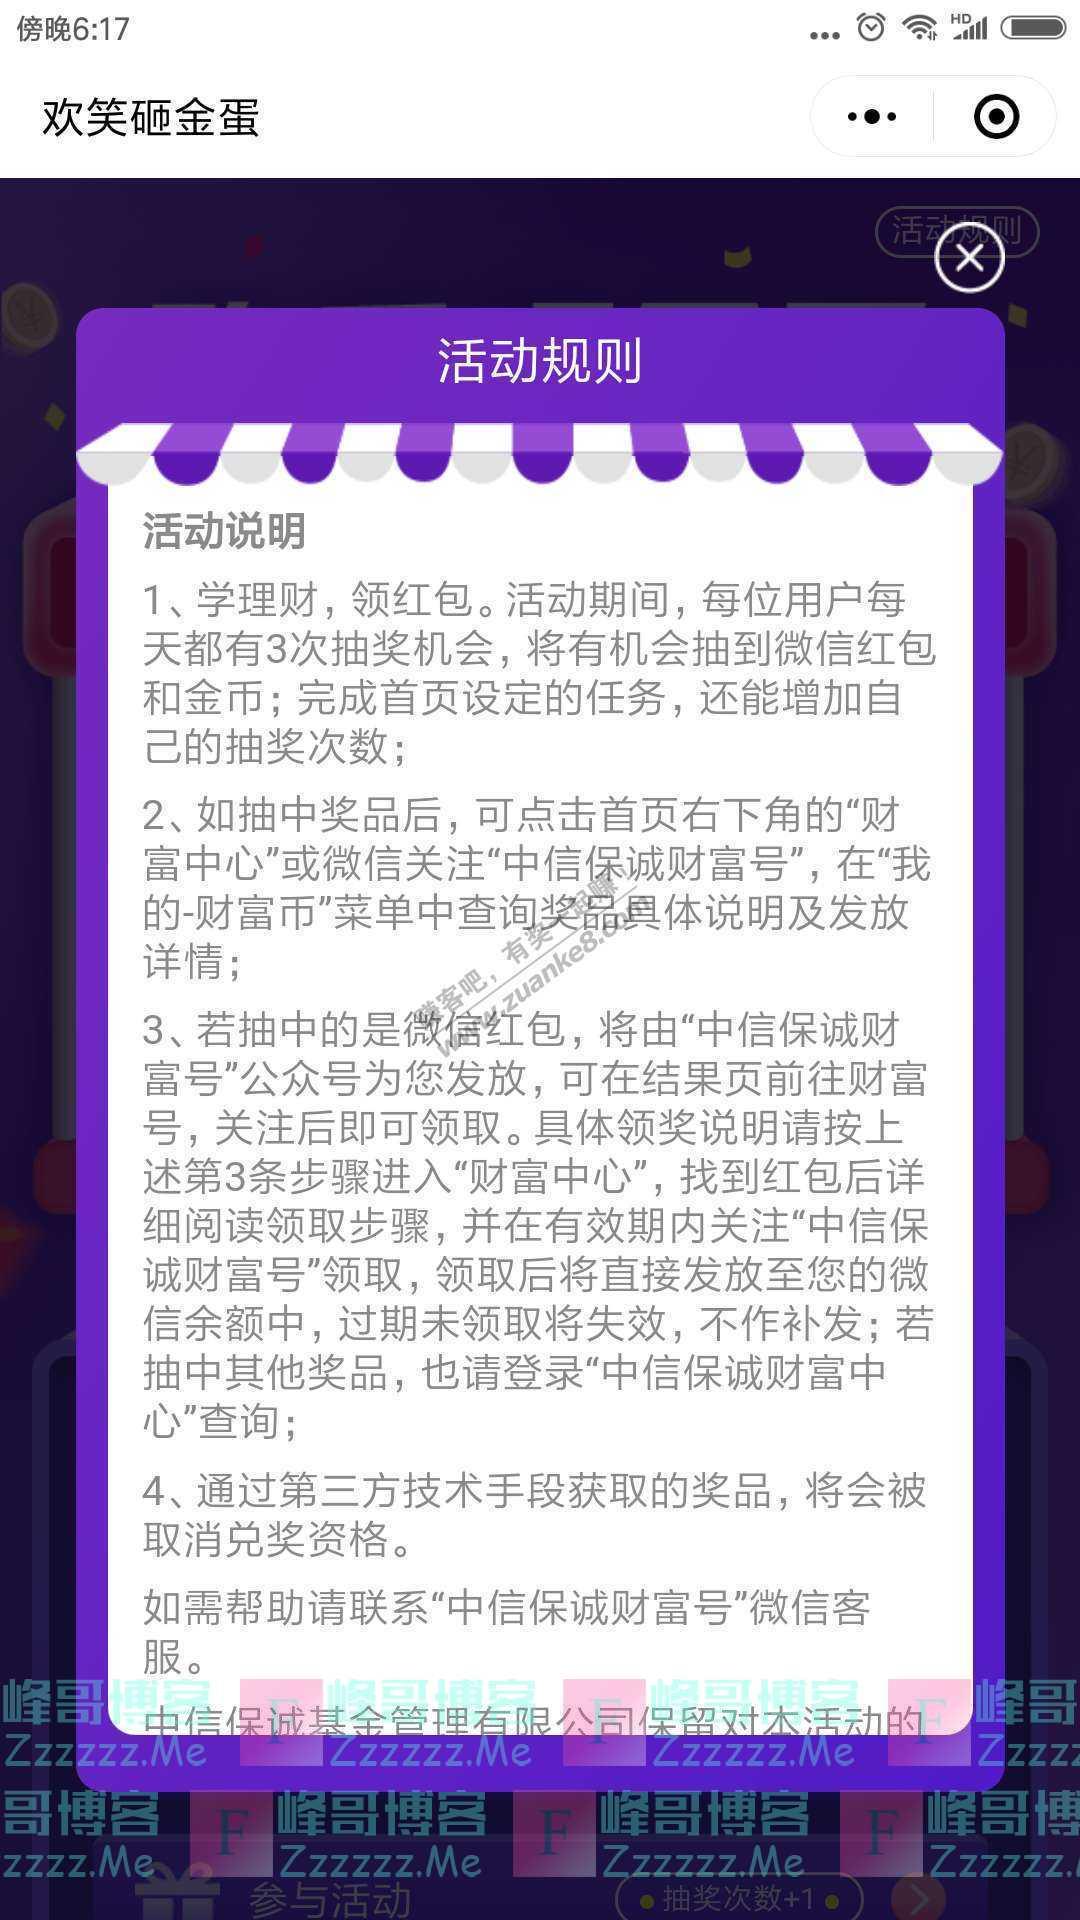 中信保诚财富号【1000个微信红包】万圣节狂欢(截止不详)